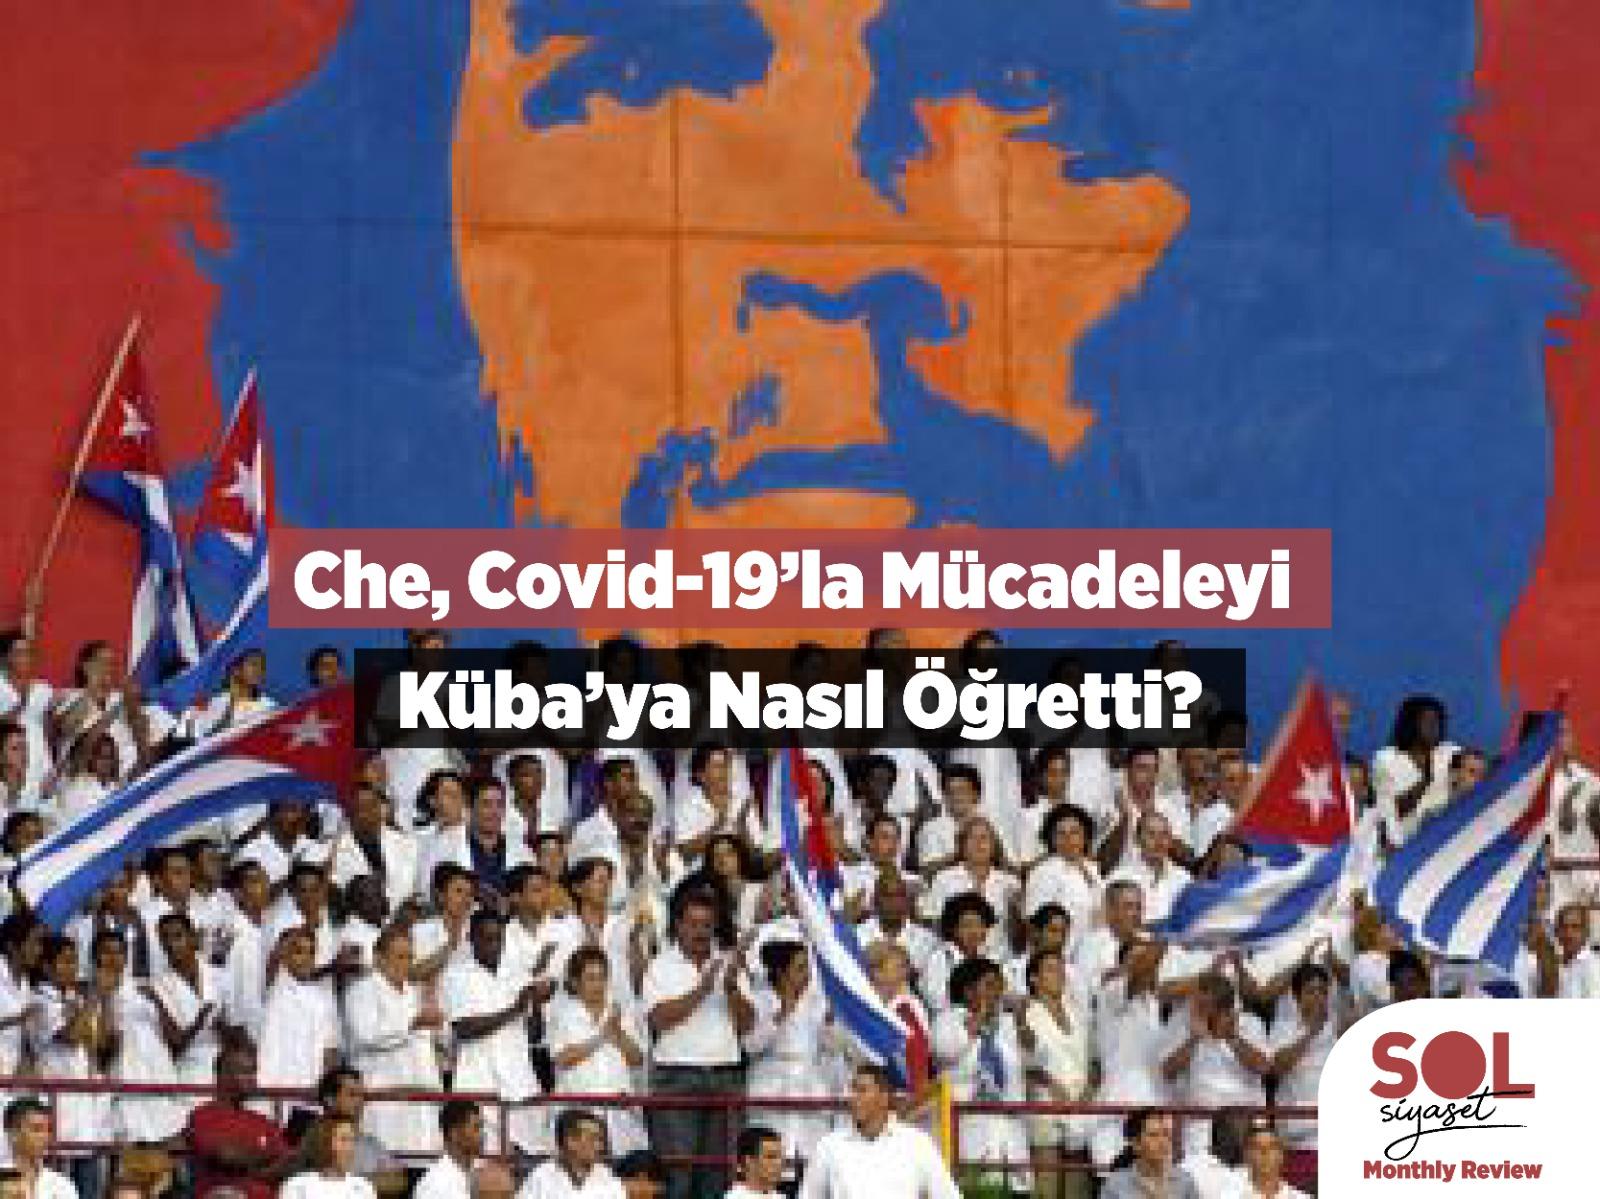 CHE, Covid-19'la Mücadeleyi Küba'ya Nasıl Öğretti? – Don Fitz